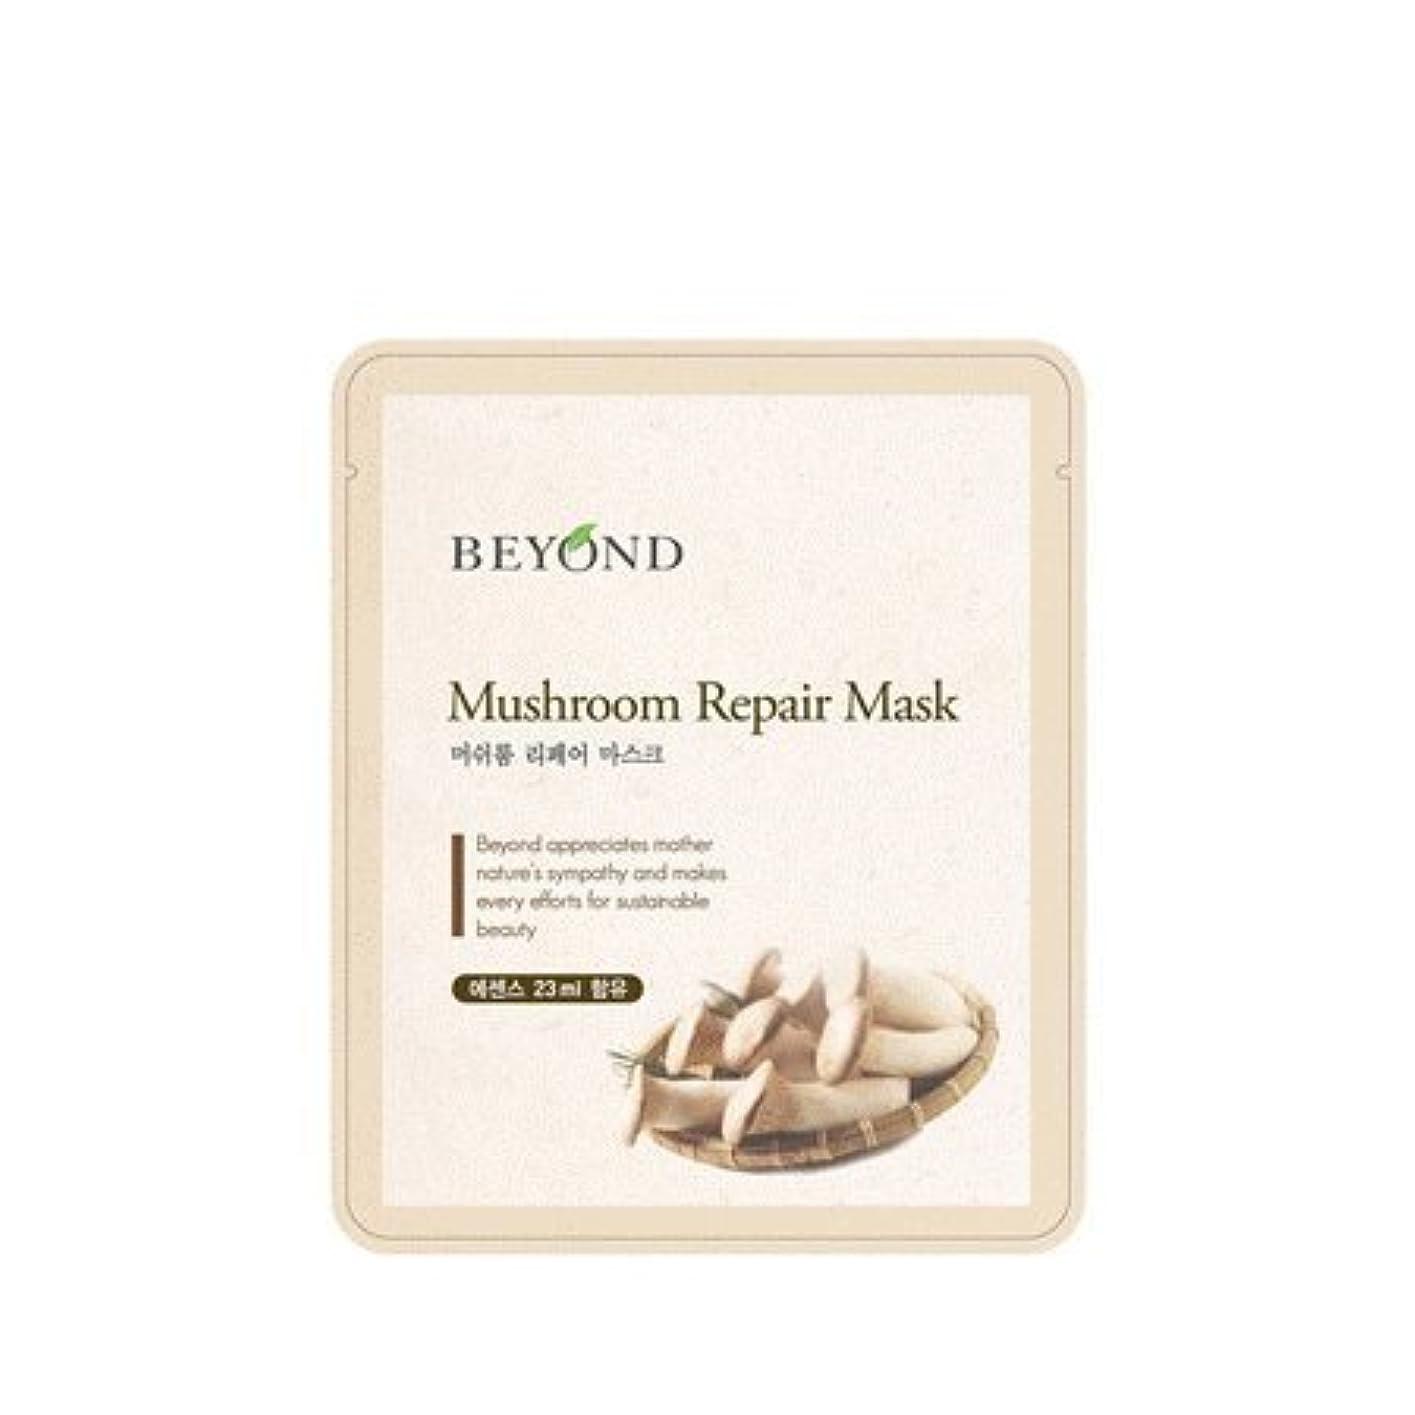 株式会社フォークバリケードBeyond mask sheet 5ea (Mushroom Repair Mask)